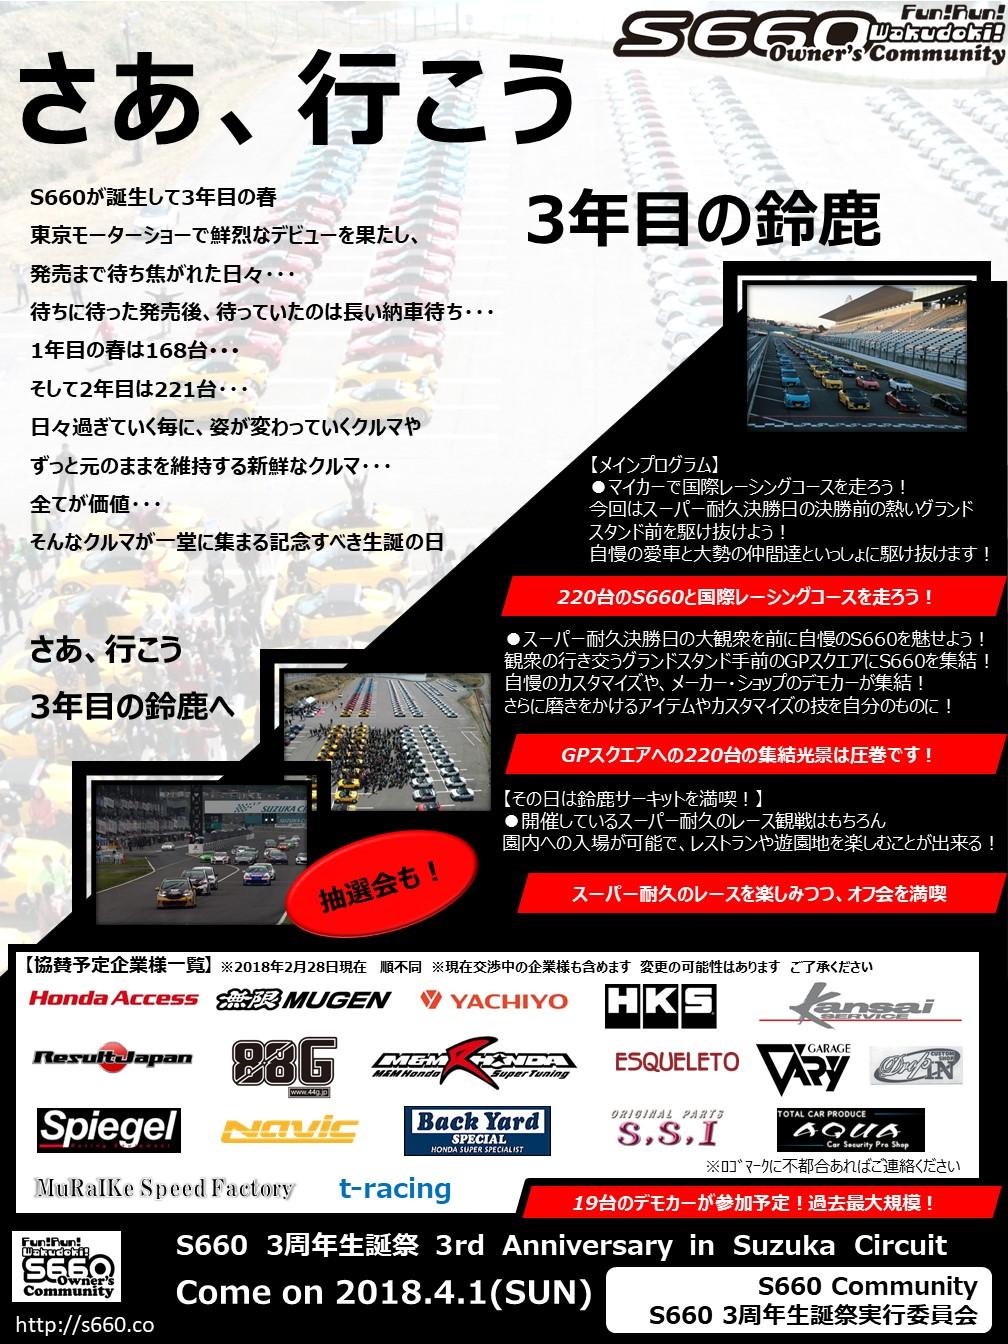 【S660】3周年生誕祭 3rd Anniversary in Suzuka Circuit